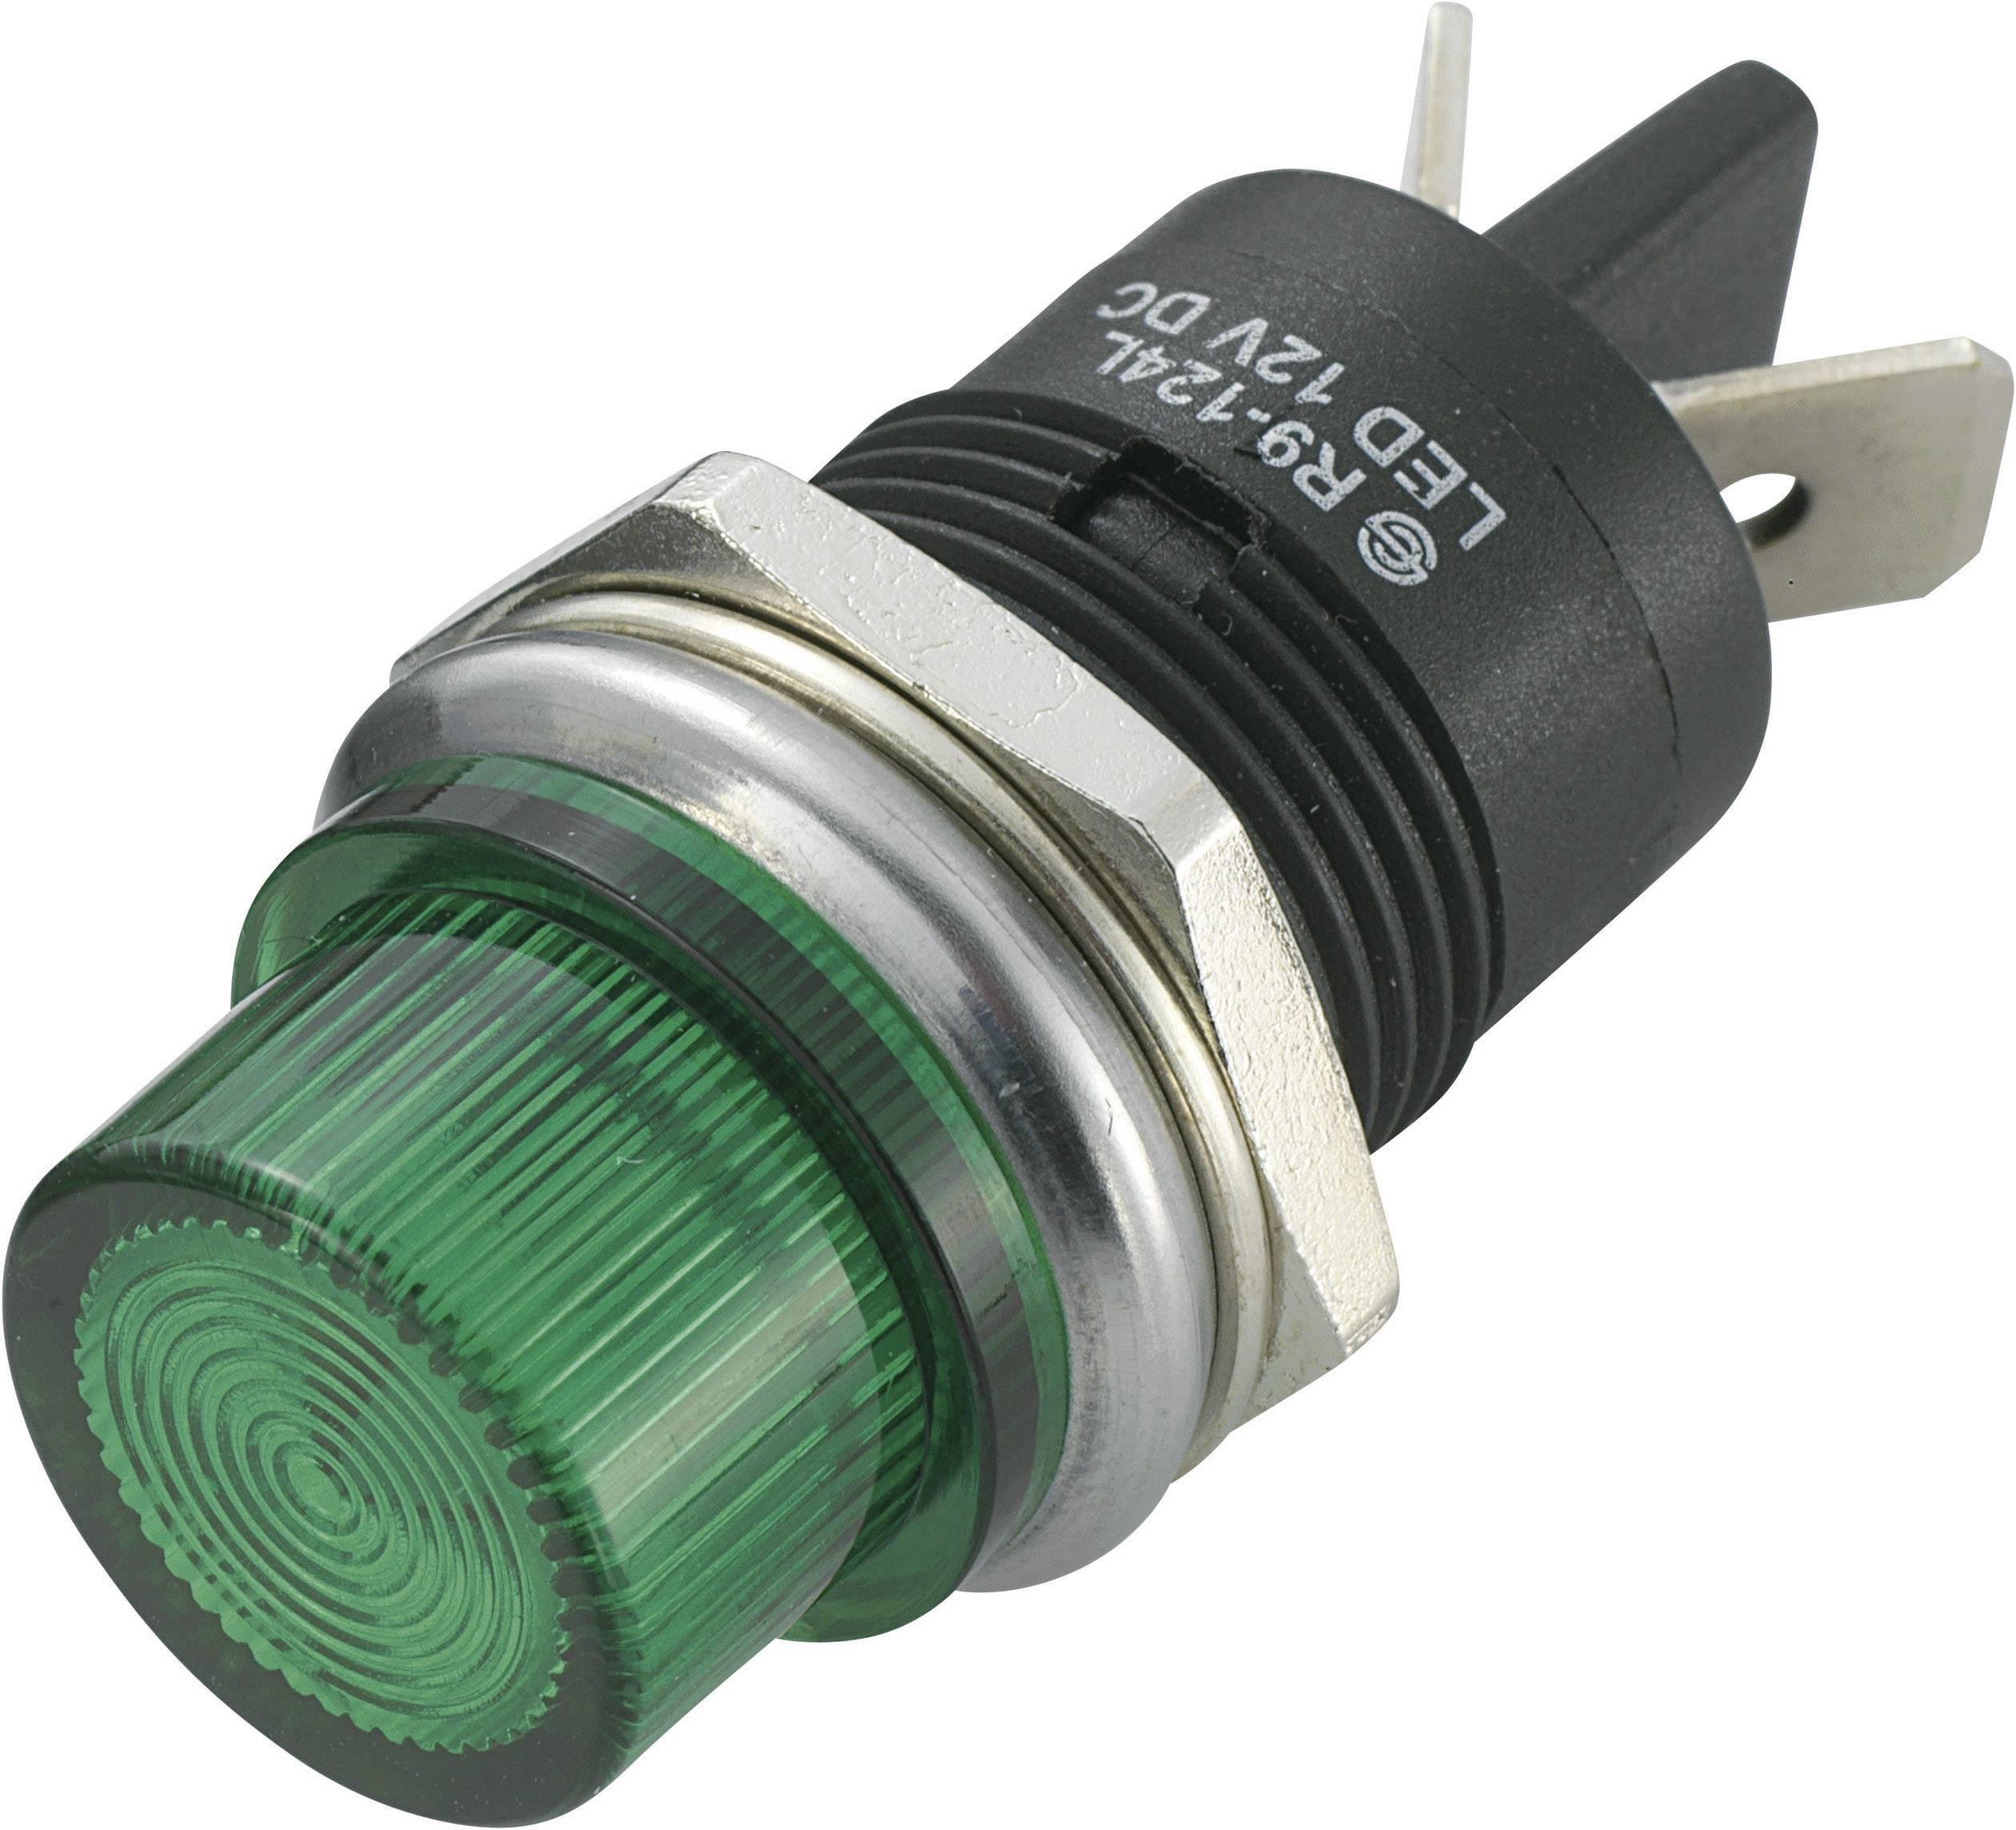 LED signálka SCI R9-124LB1-01-BGG4, LED signálka 20 mm, 12 V/DC, zelená